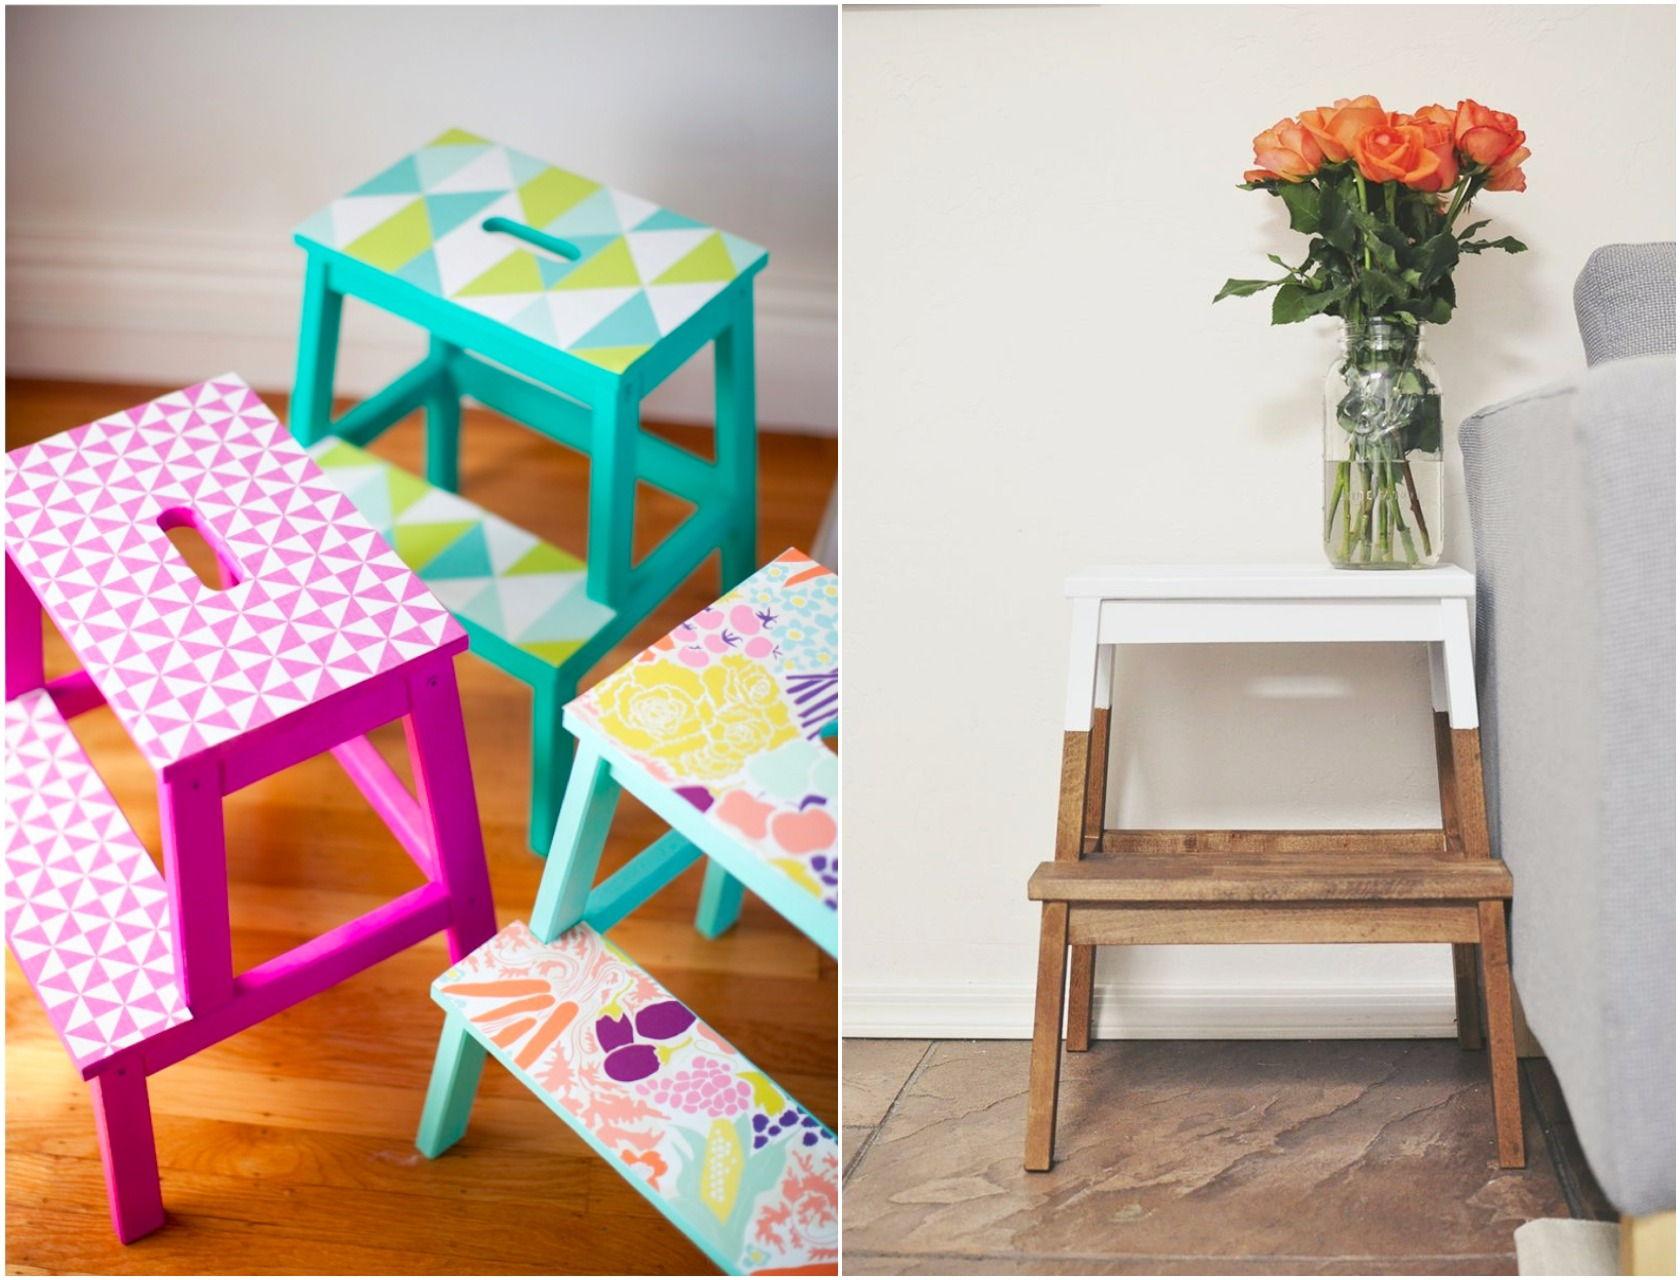 ikea step stool painted